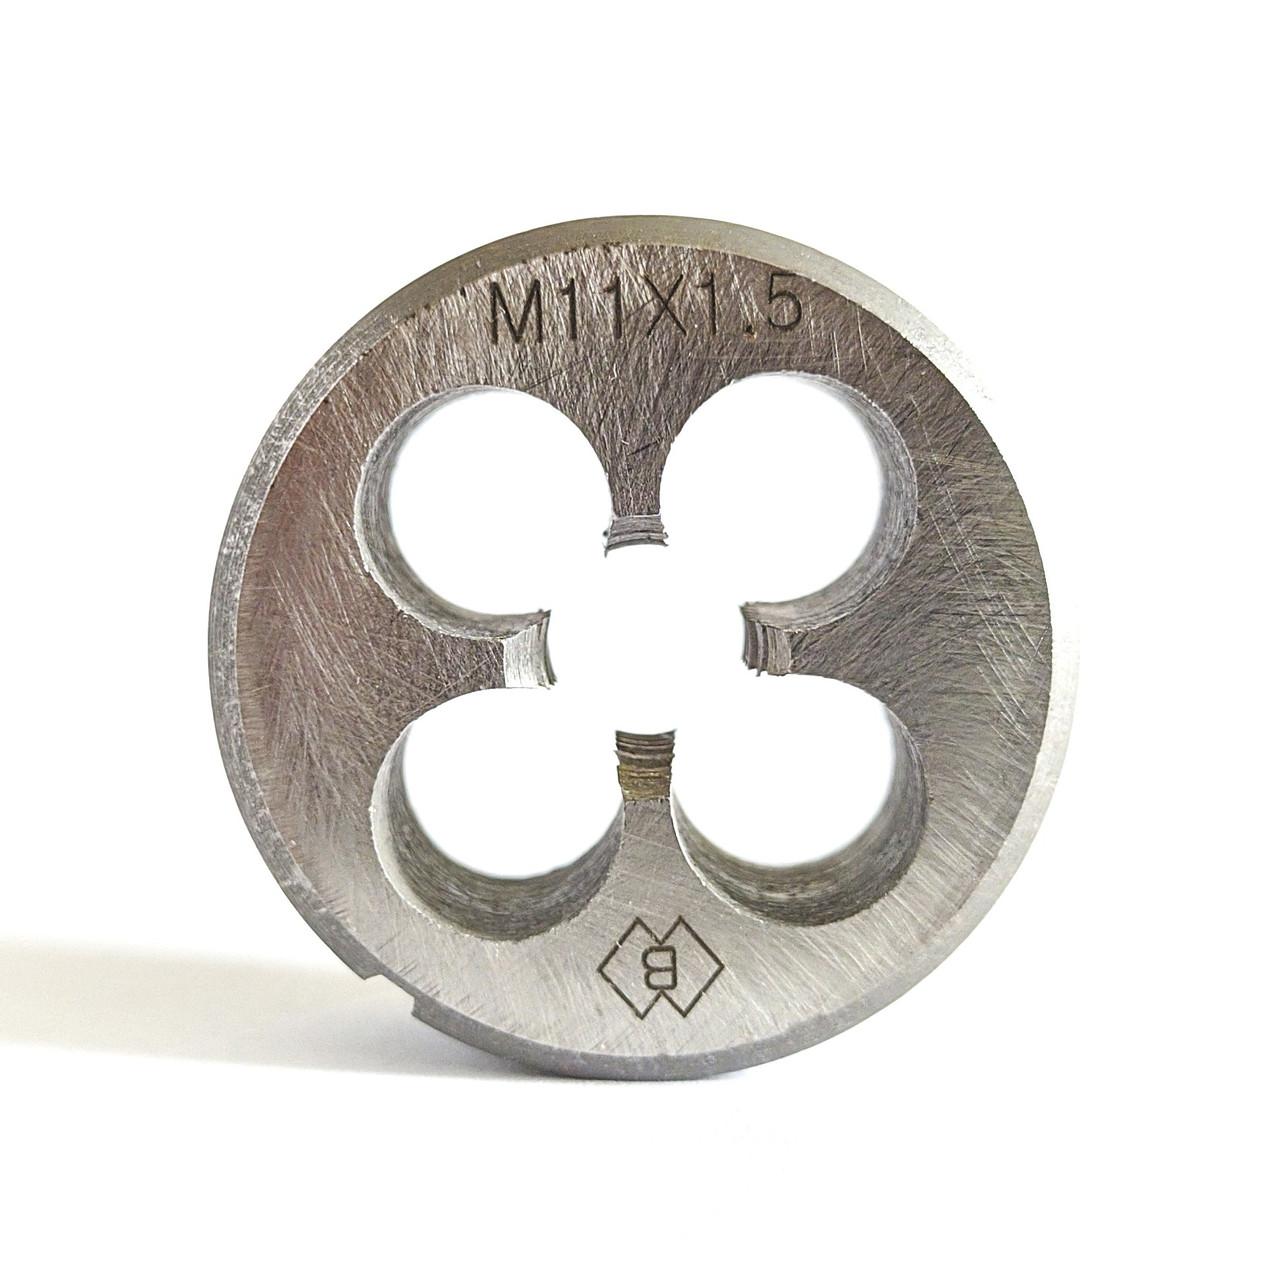 Плашка метрическая м16 х 1,5 Малогабаритная